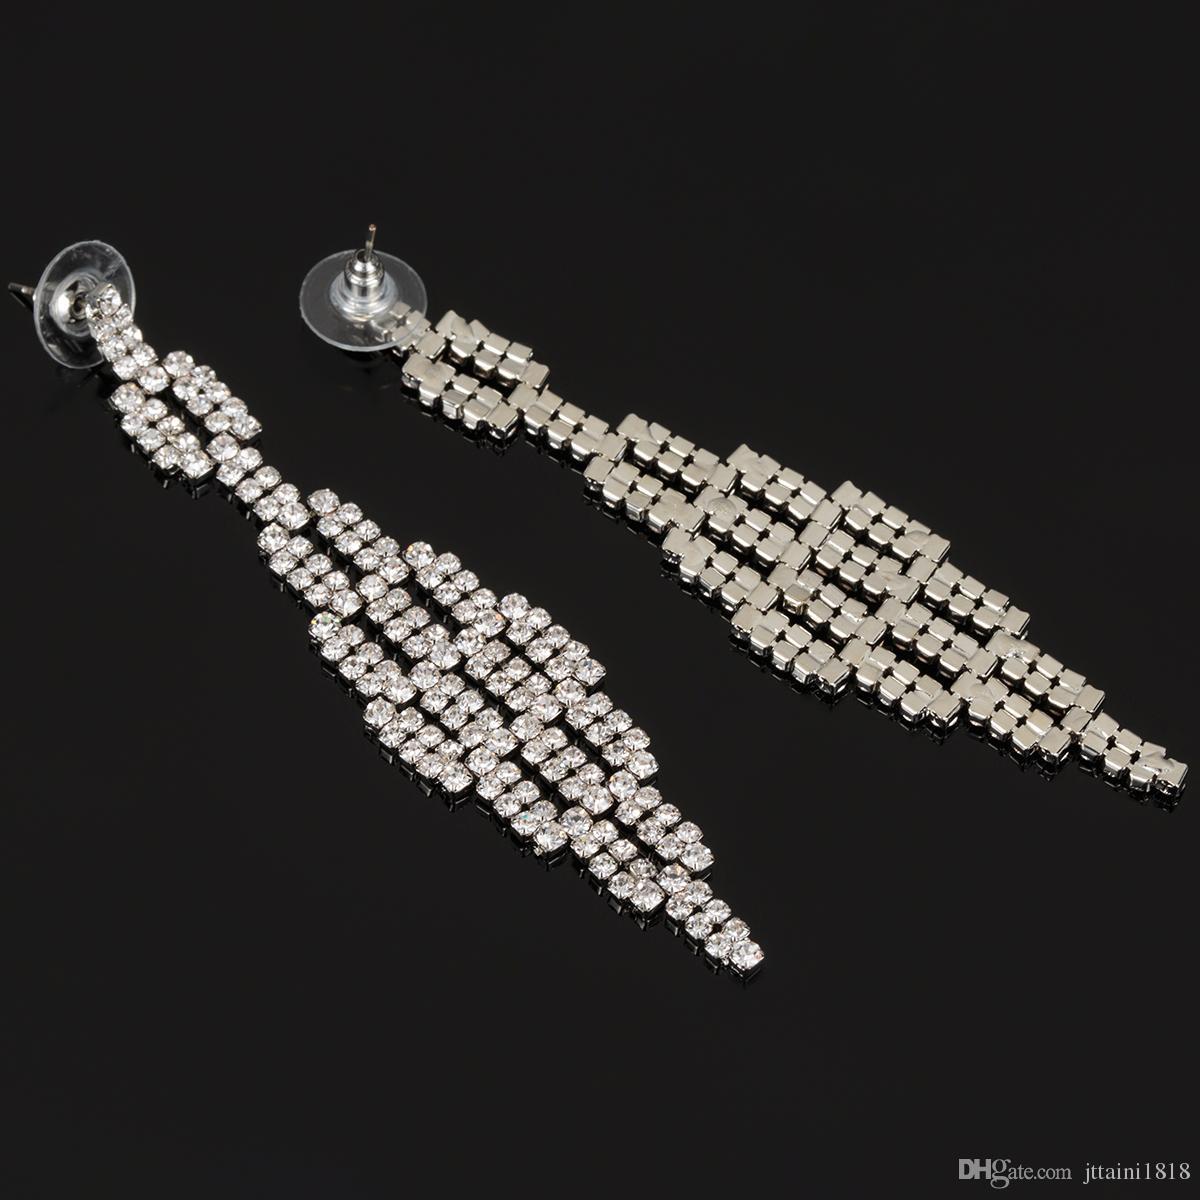 2017 новая мода очарование женщин Стад серьги ювелирные изделия классический долго многие небольшие горный хрусталь аксессуары Оптовая девушка подарок